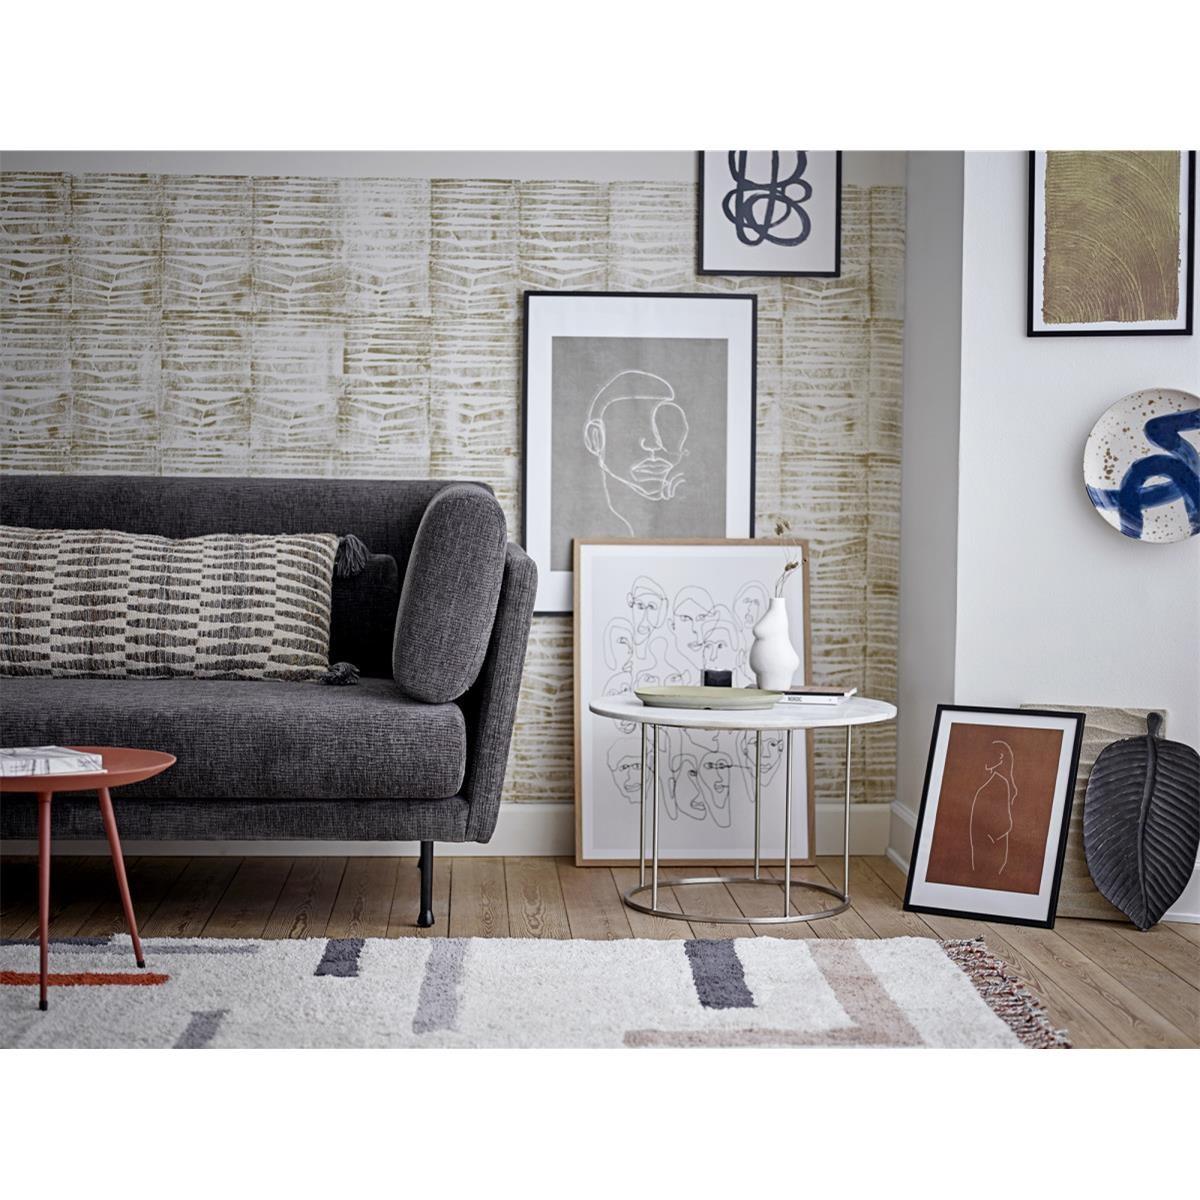 Dřevěný dekorační podnos / tác Kylar hnědý_4